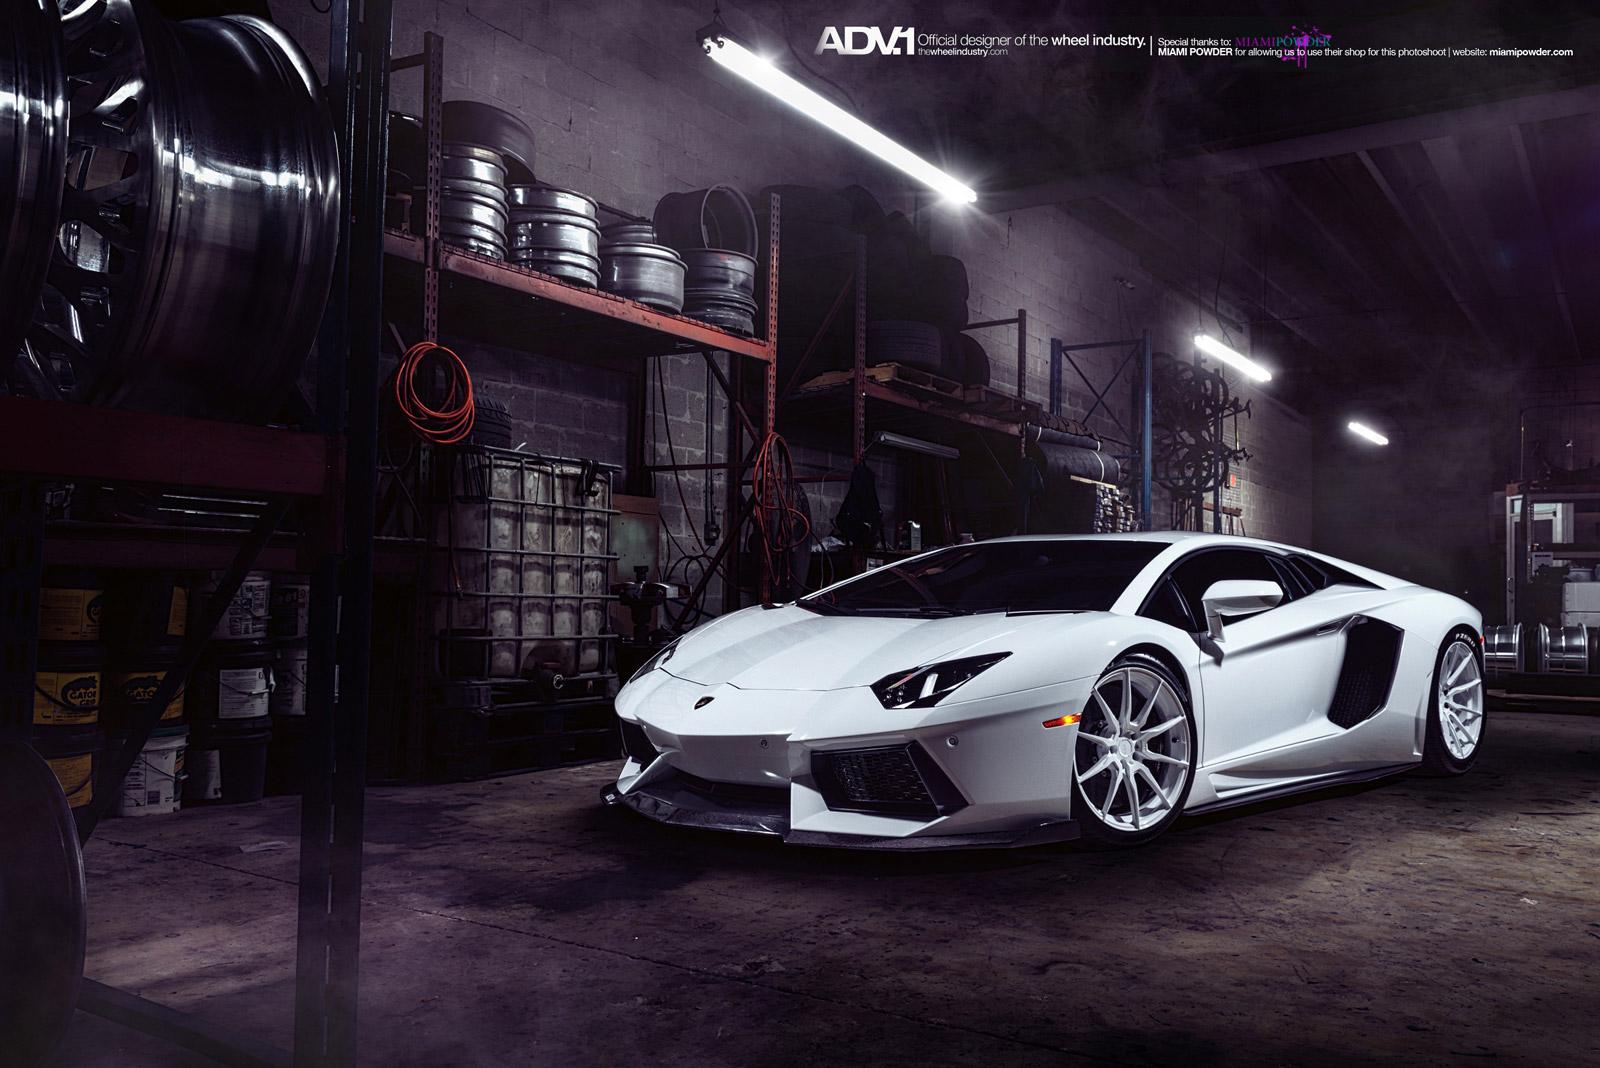 Lamborghini Aventador LP700 - ADV10 M.V1 CS